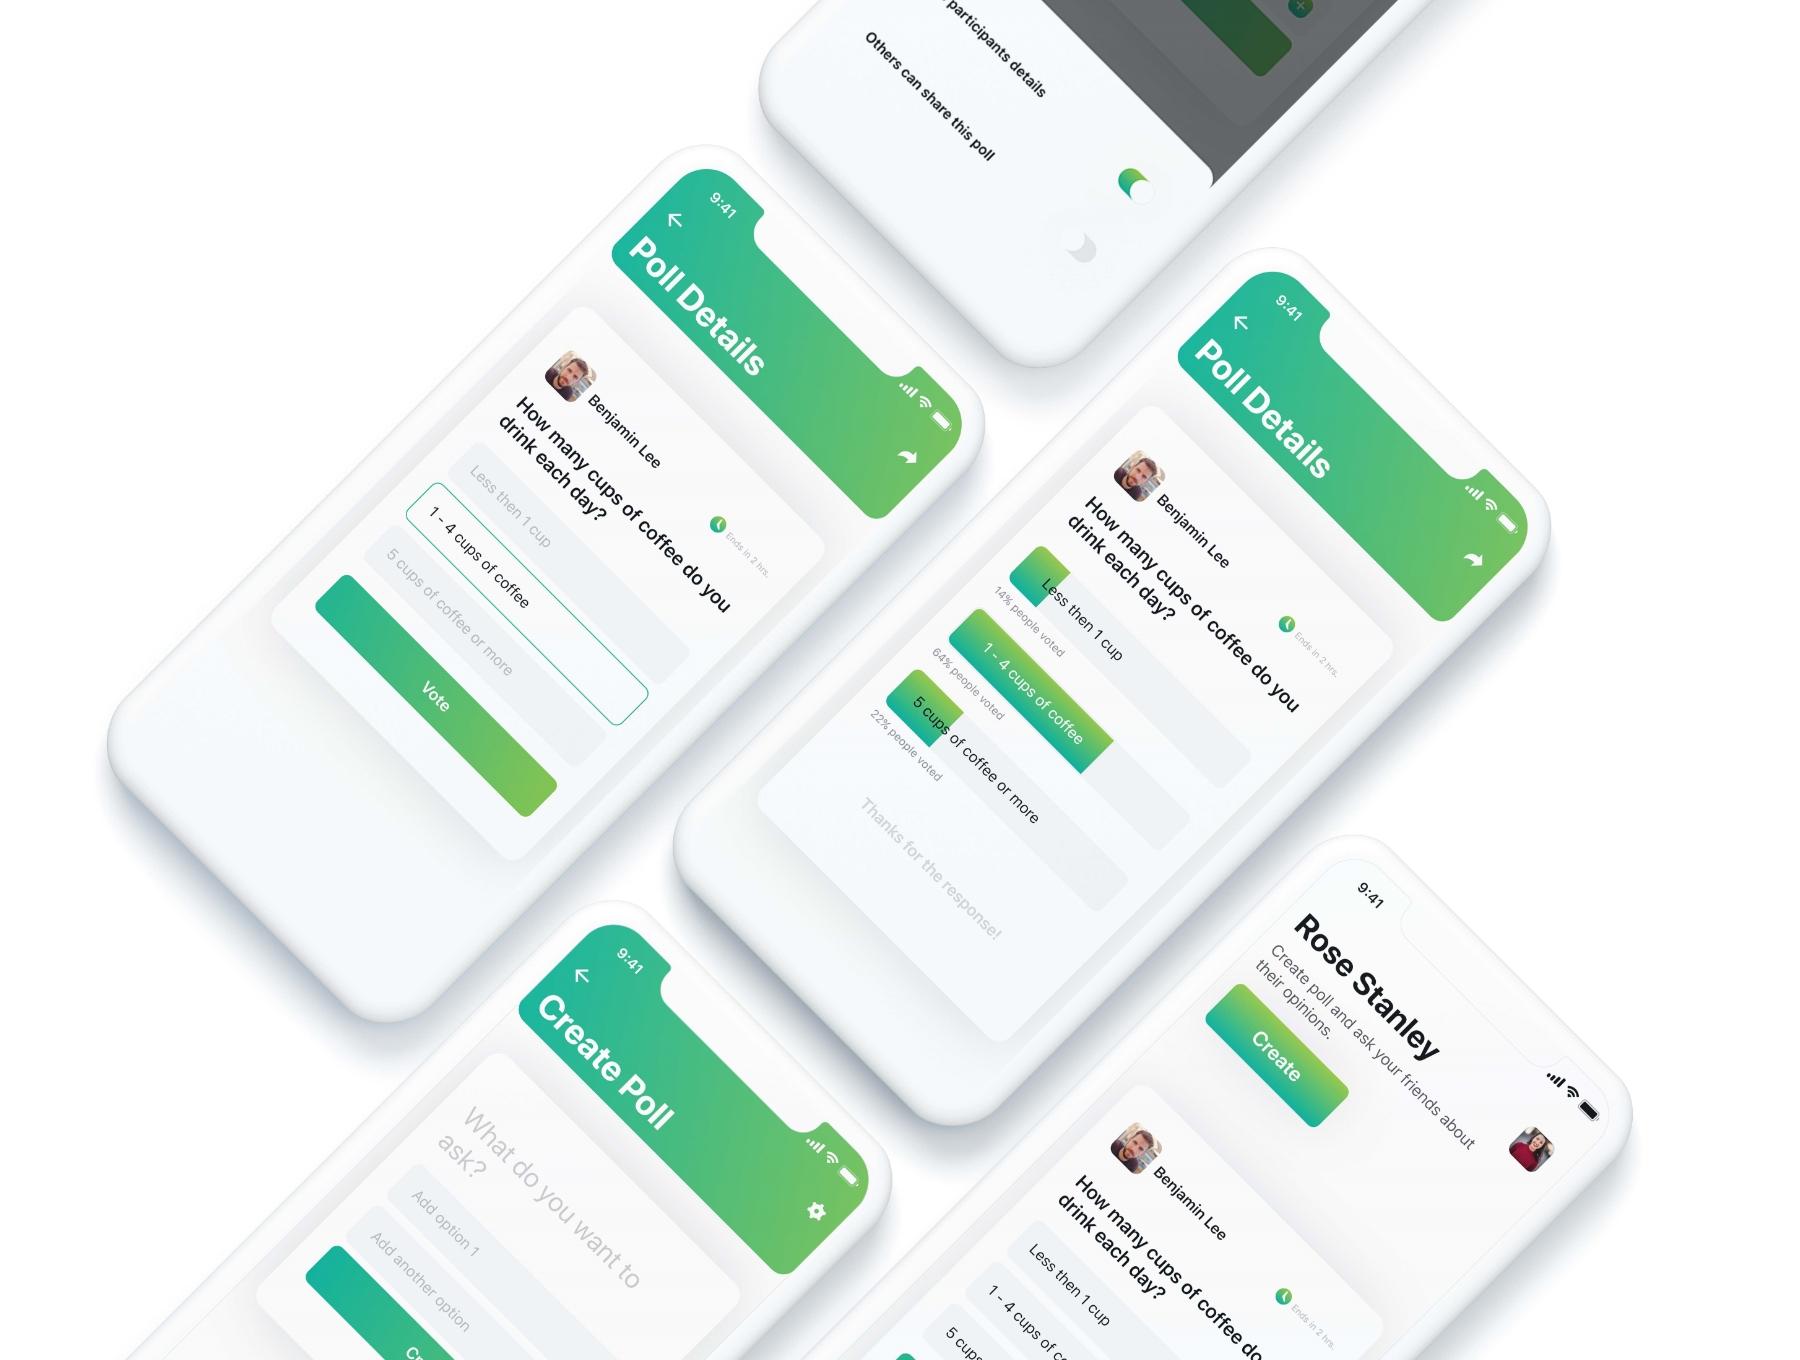 网页APP投票UI KIT套装下载[XD] Adobe XD CC Online Poll UI Kit H5